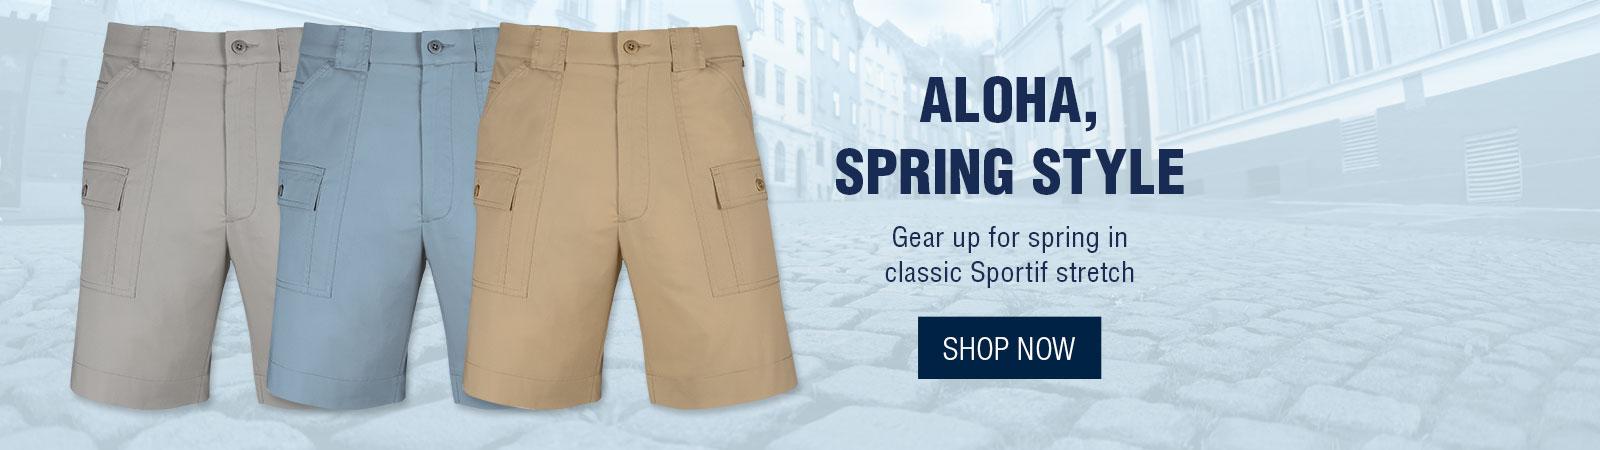 Aloha, Spring Style - Shorts